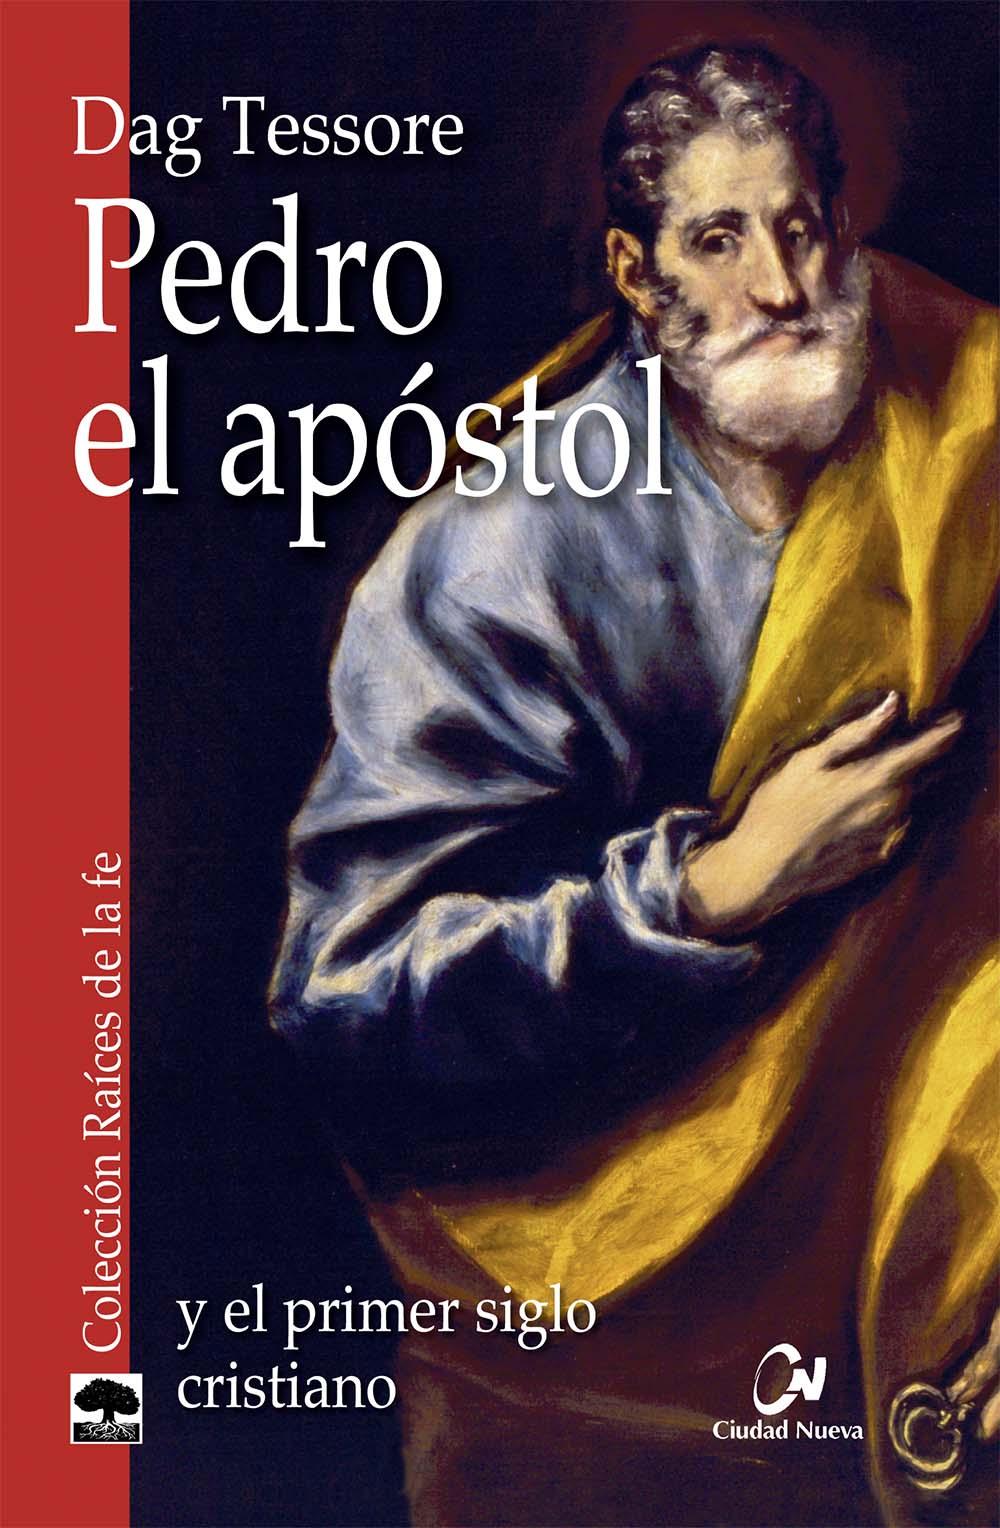 Pedro el apóstol